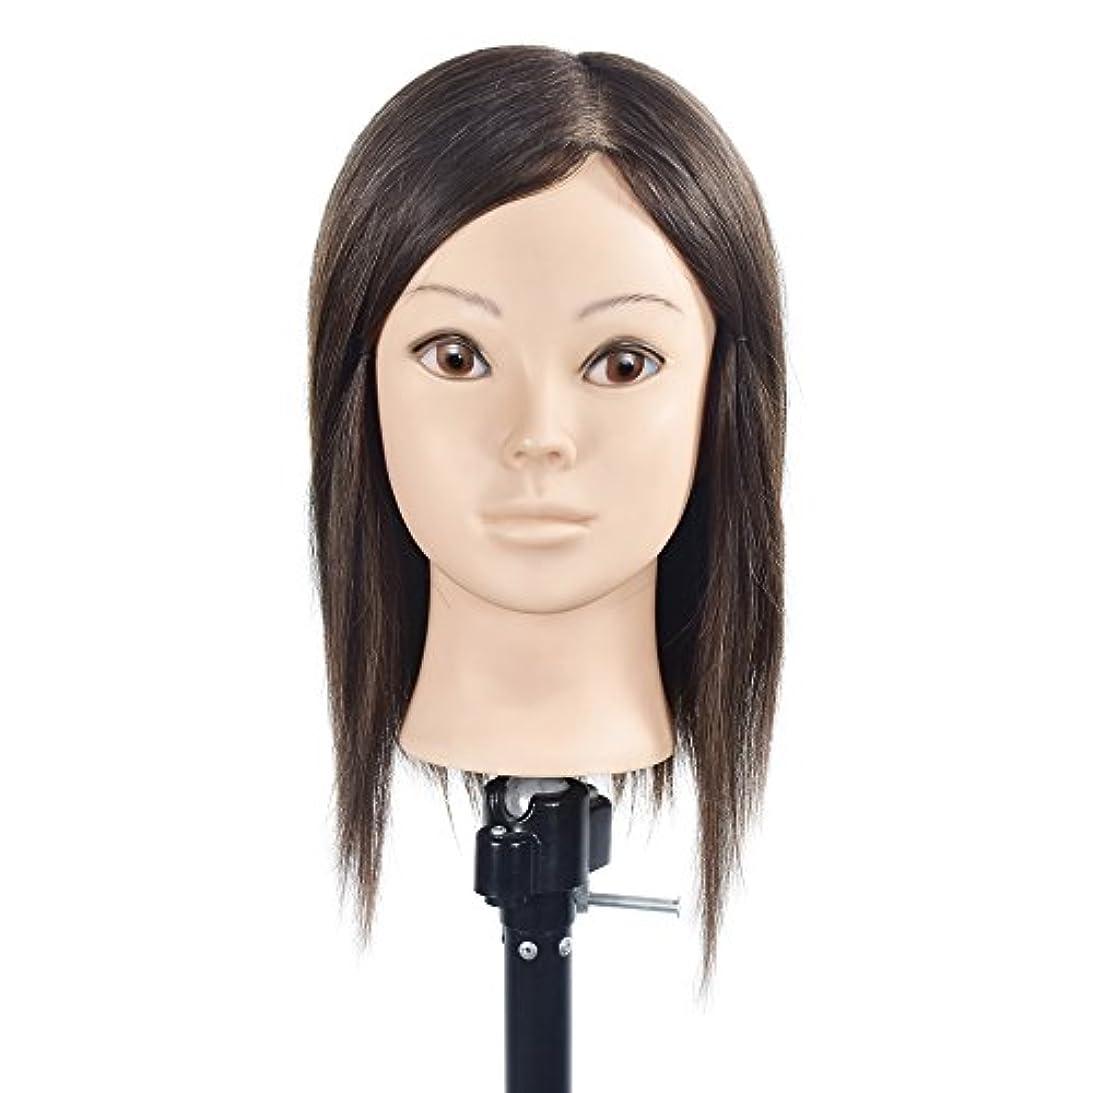 パトロール痴漢乞食トレーニングヘッド美容師100%リアルヒューマンヘアスタイリングマニアックマネキン人形(フリーテーブルクランプ付)